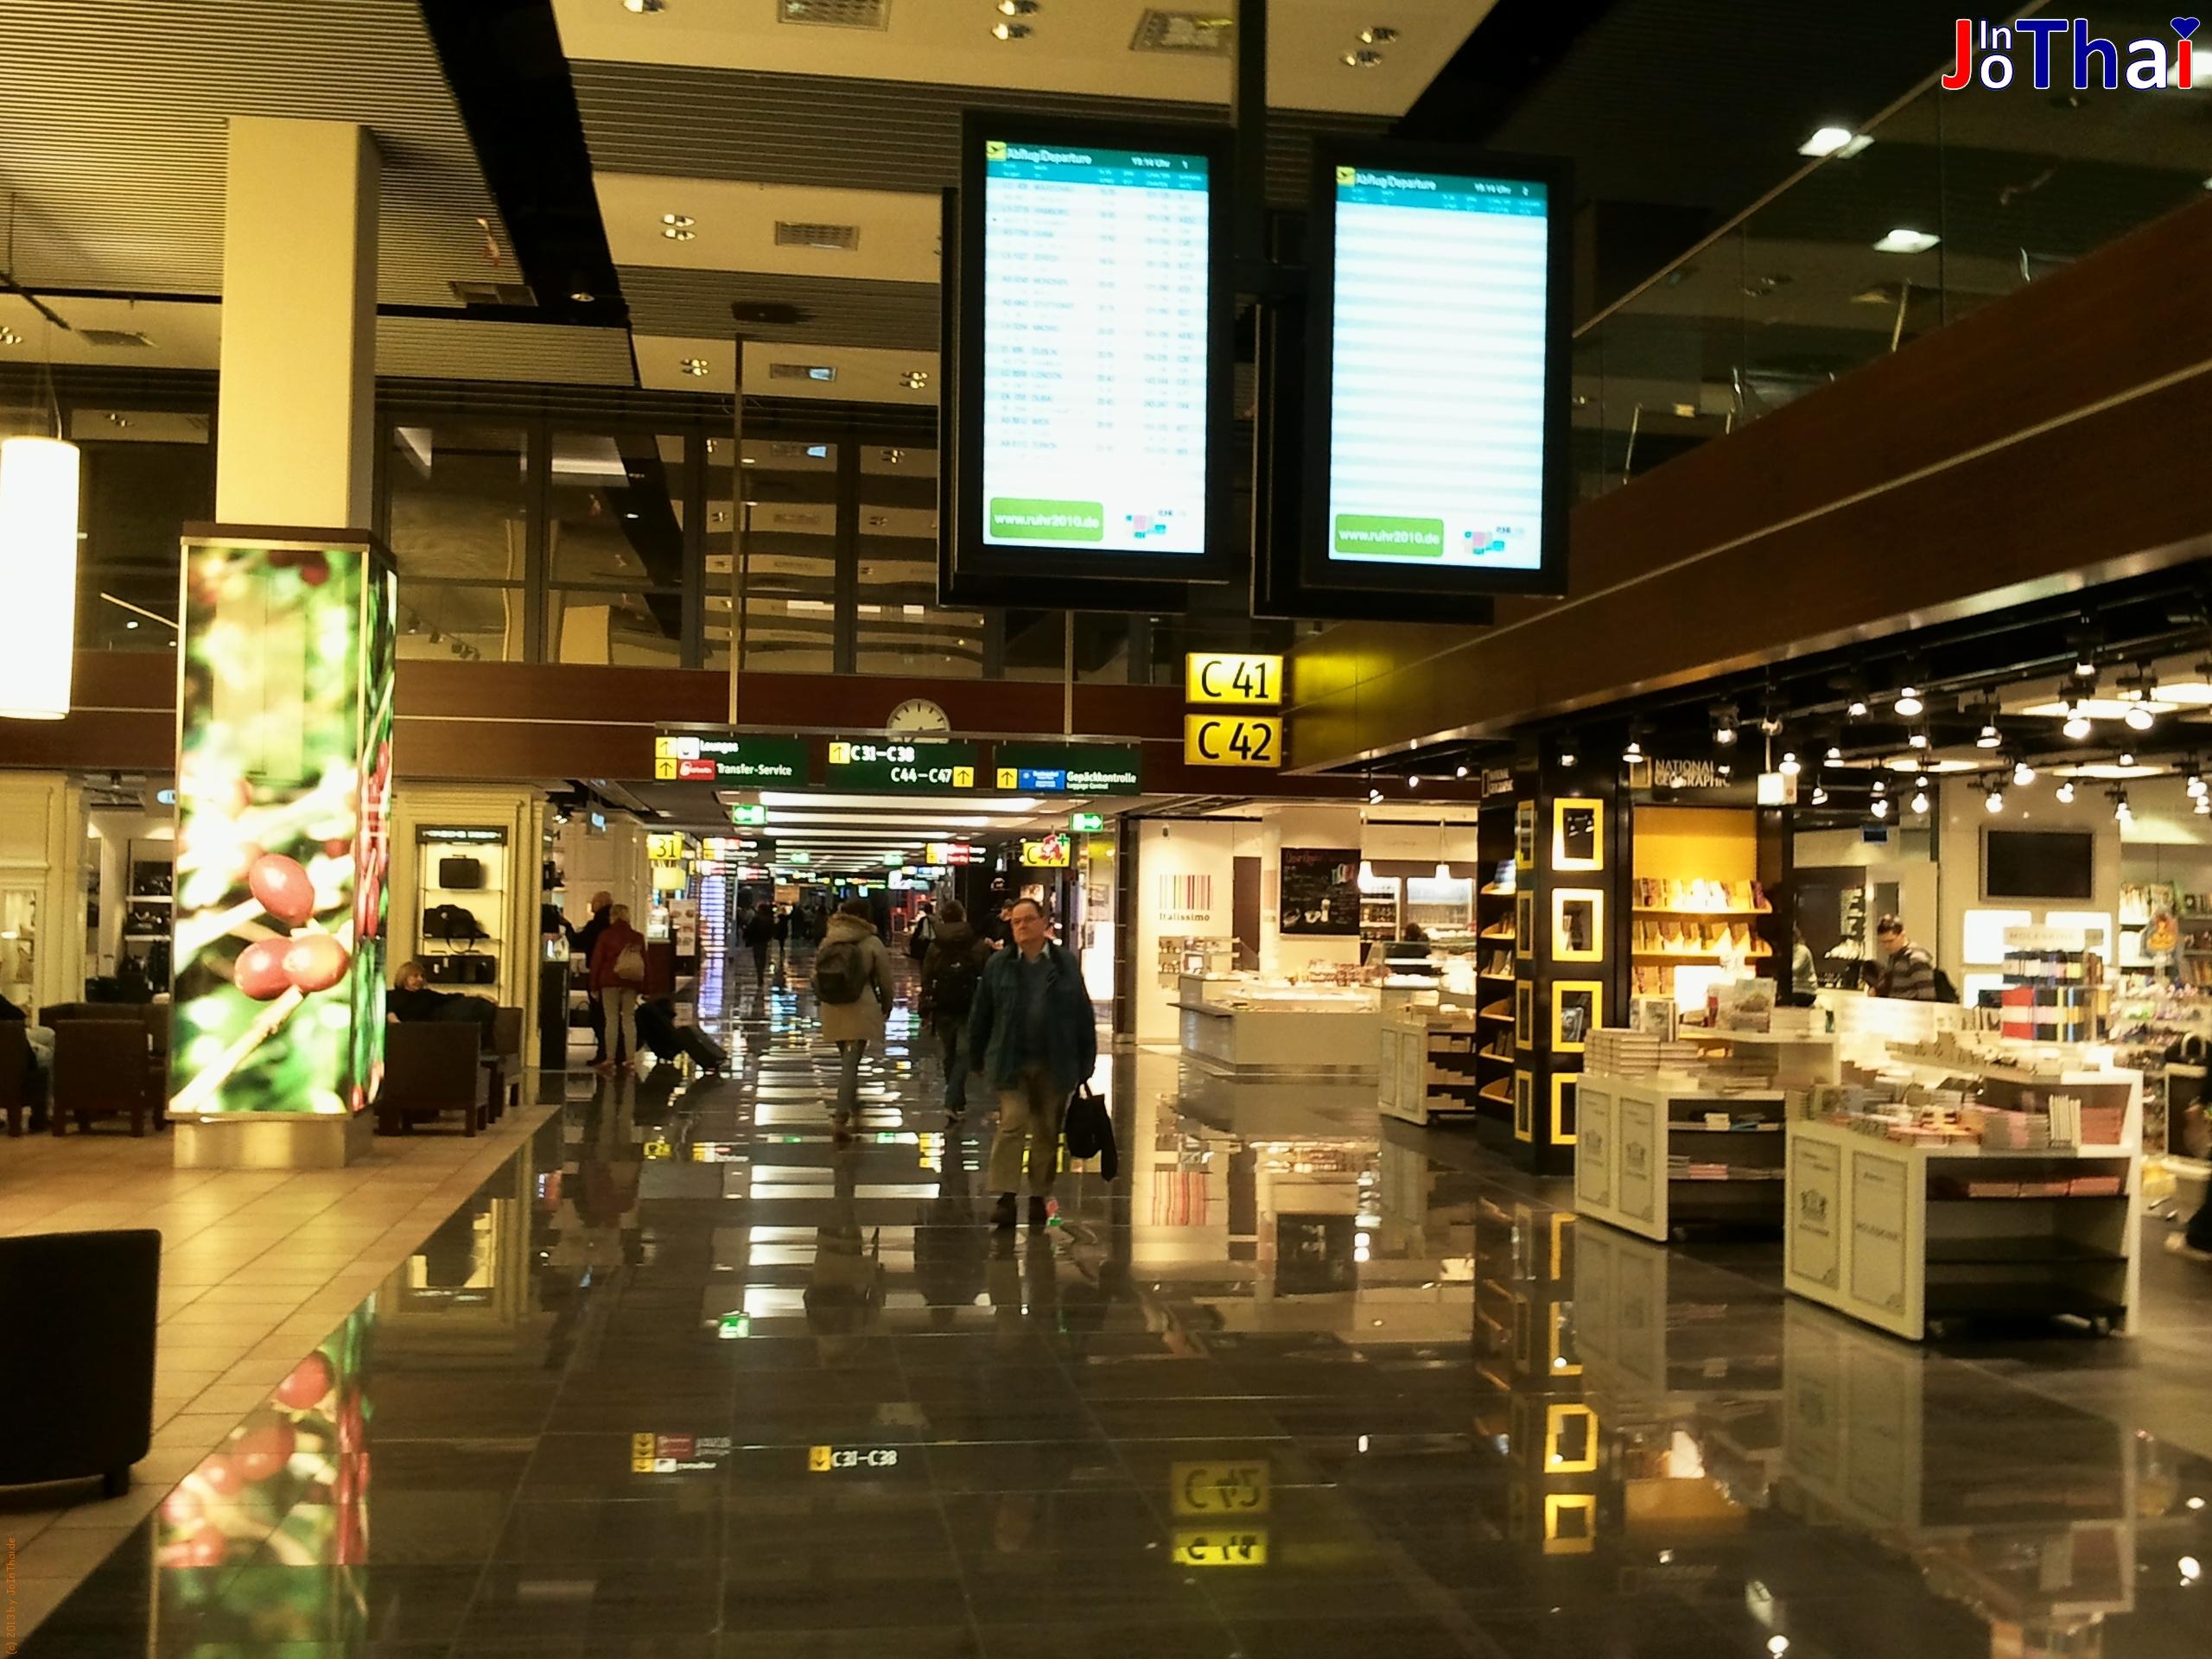 Flughafen Düsseldorf - Duty Free Area - Auf dem Weg zum Gate 44